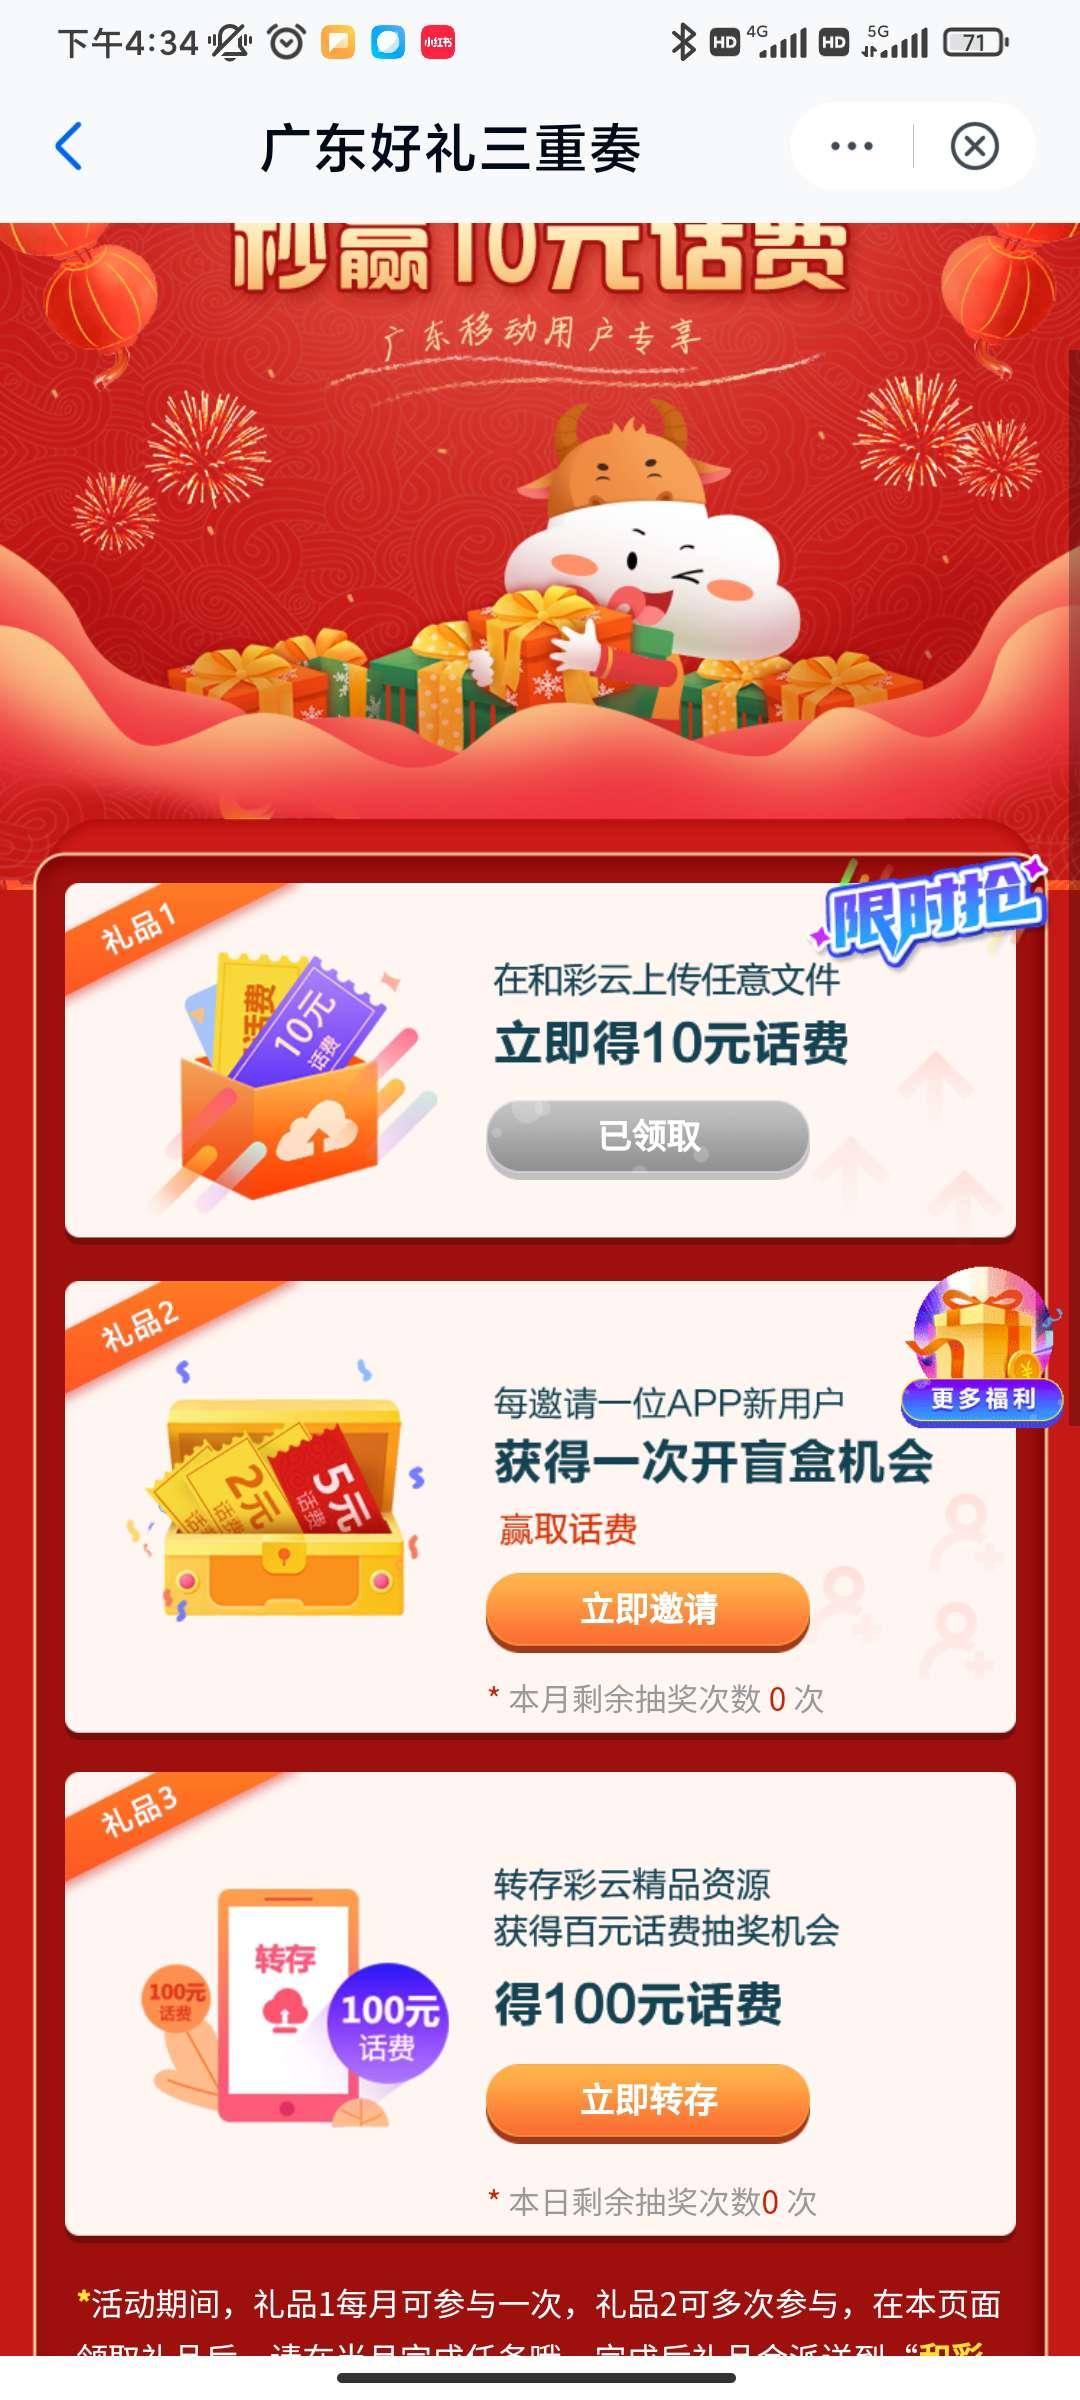 广东省客户免费下载和彩云得十元手机话费插图1